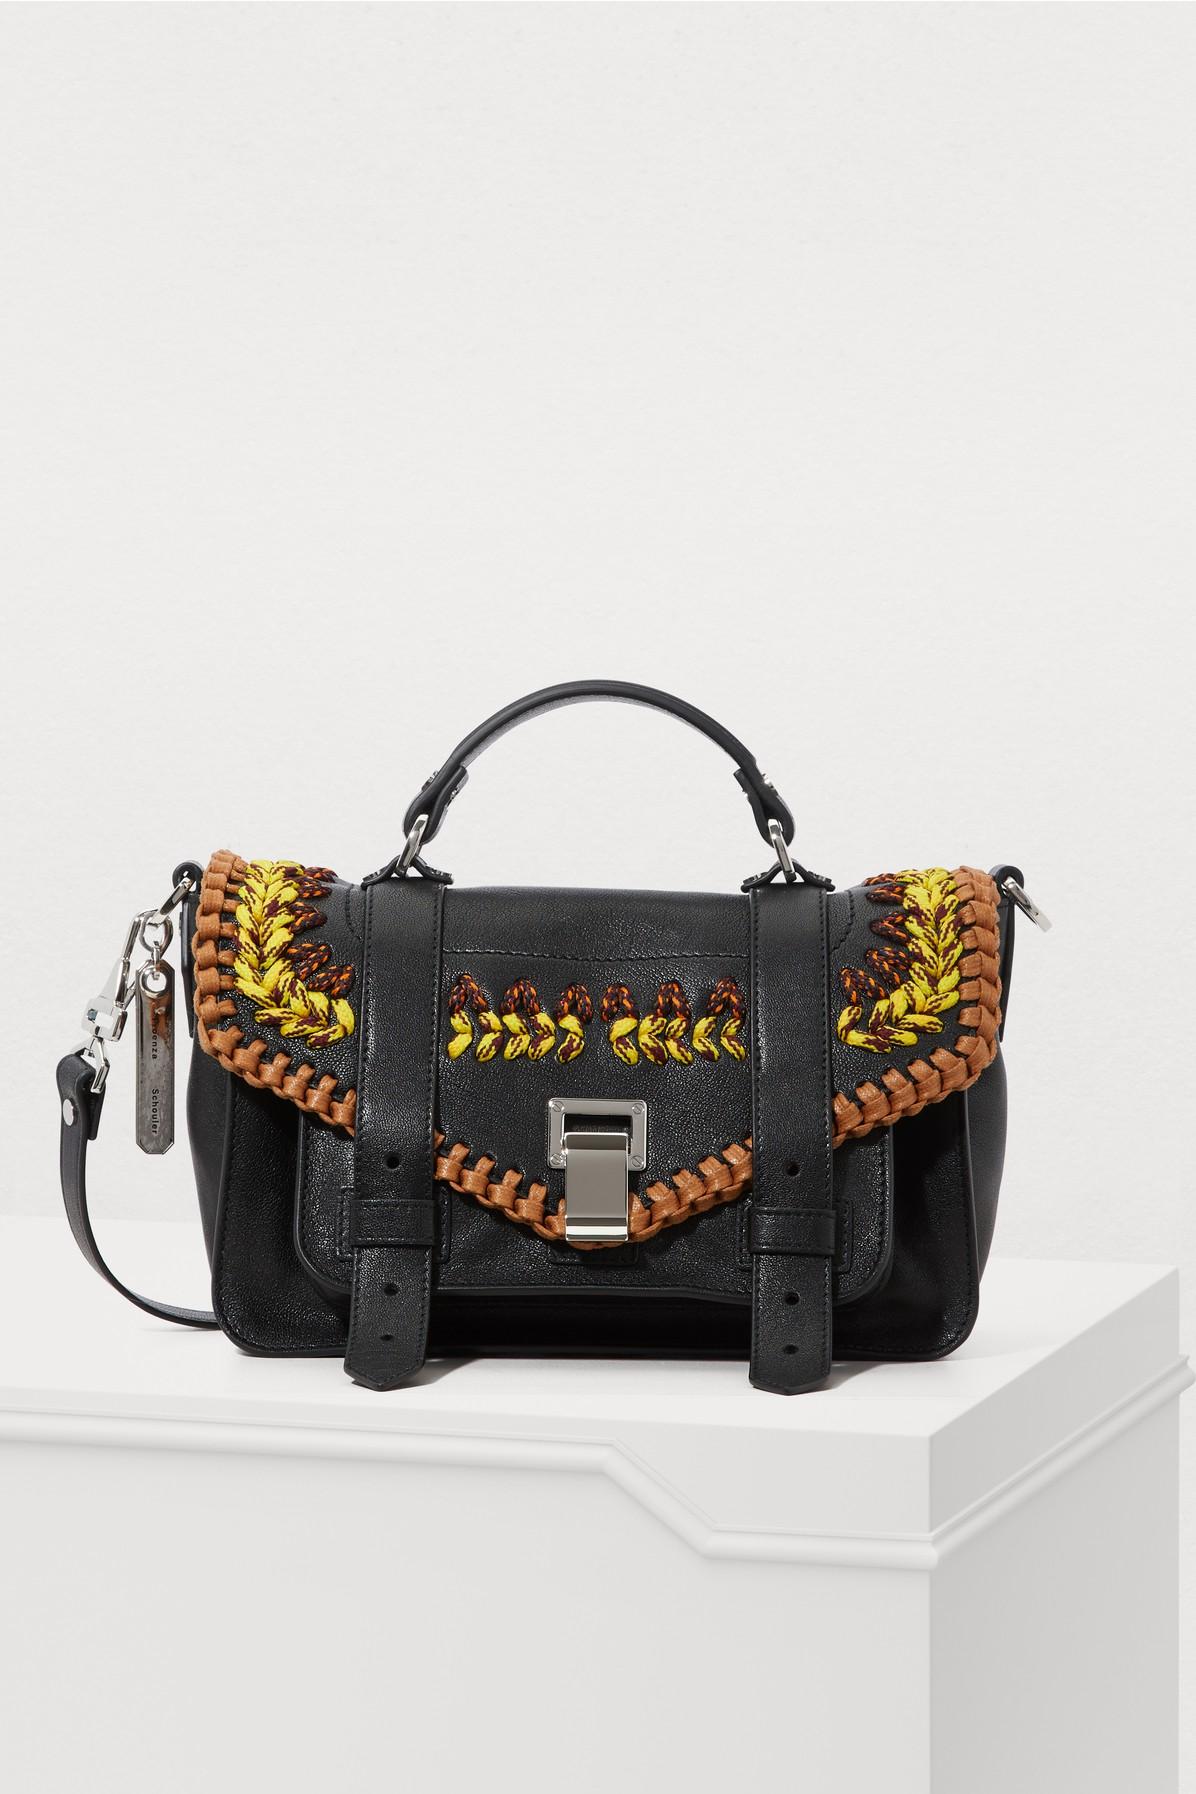 Proenza Schouler Ps1 Tiny Shoulder Bag In Black   ModeSens a7c2247791